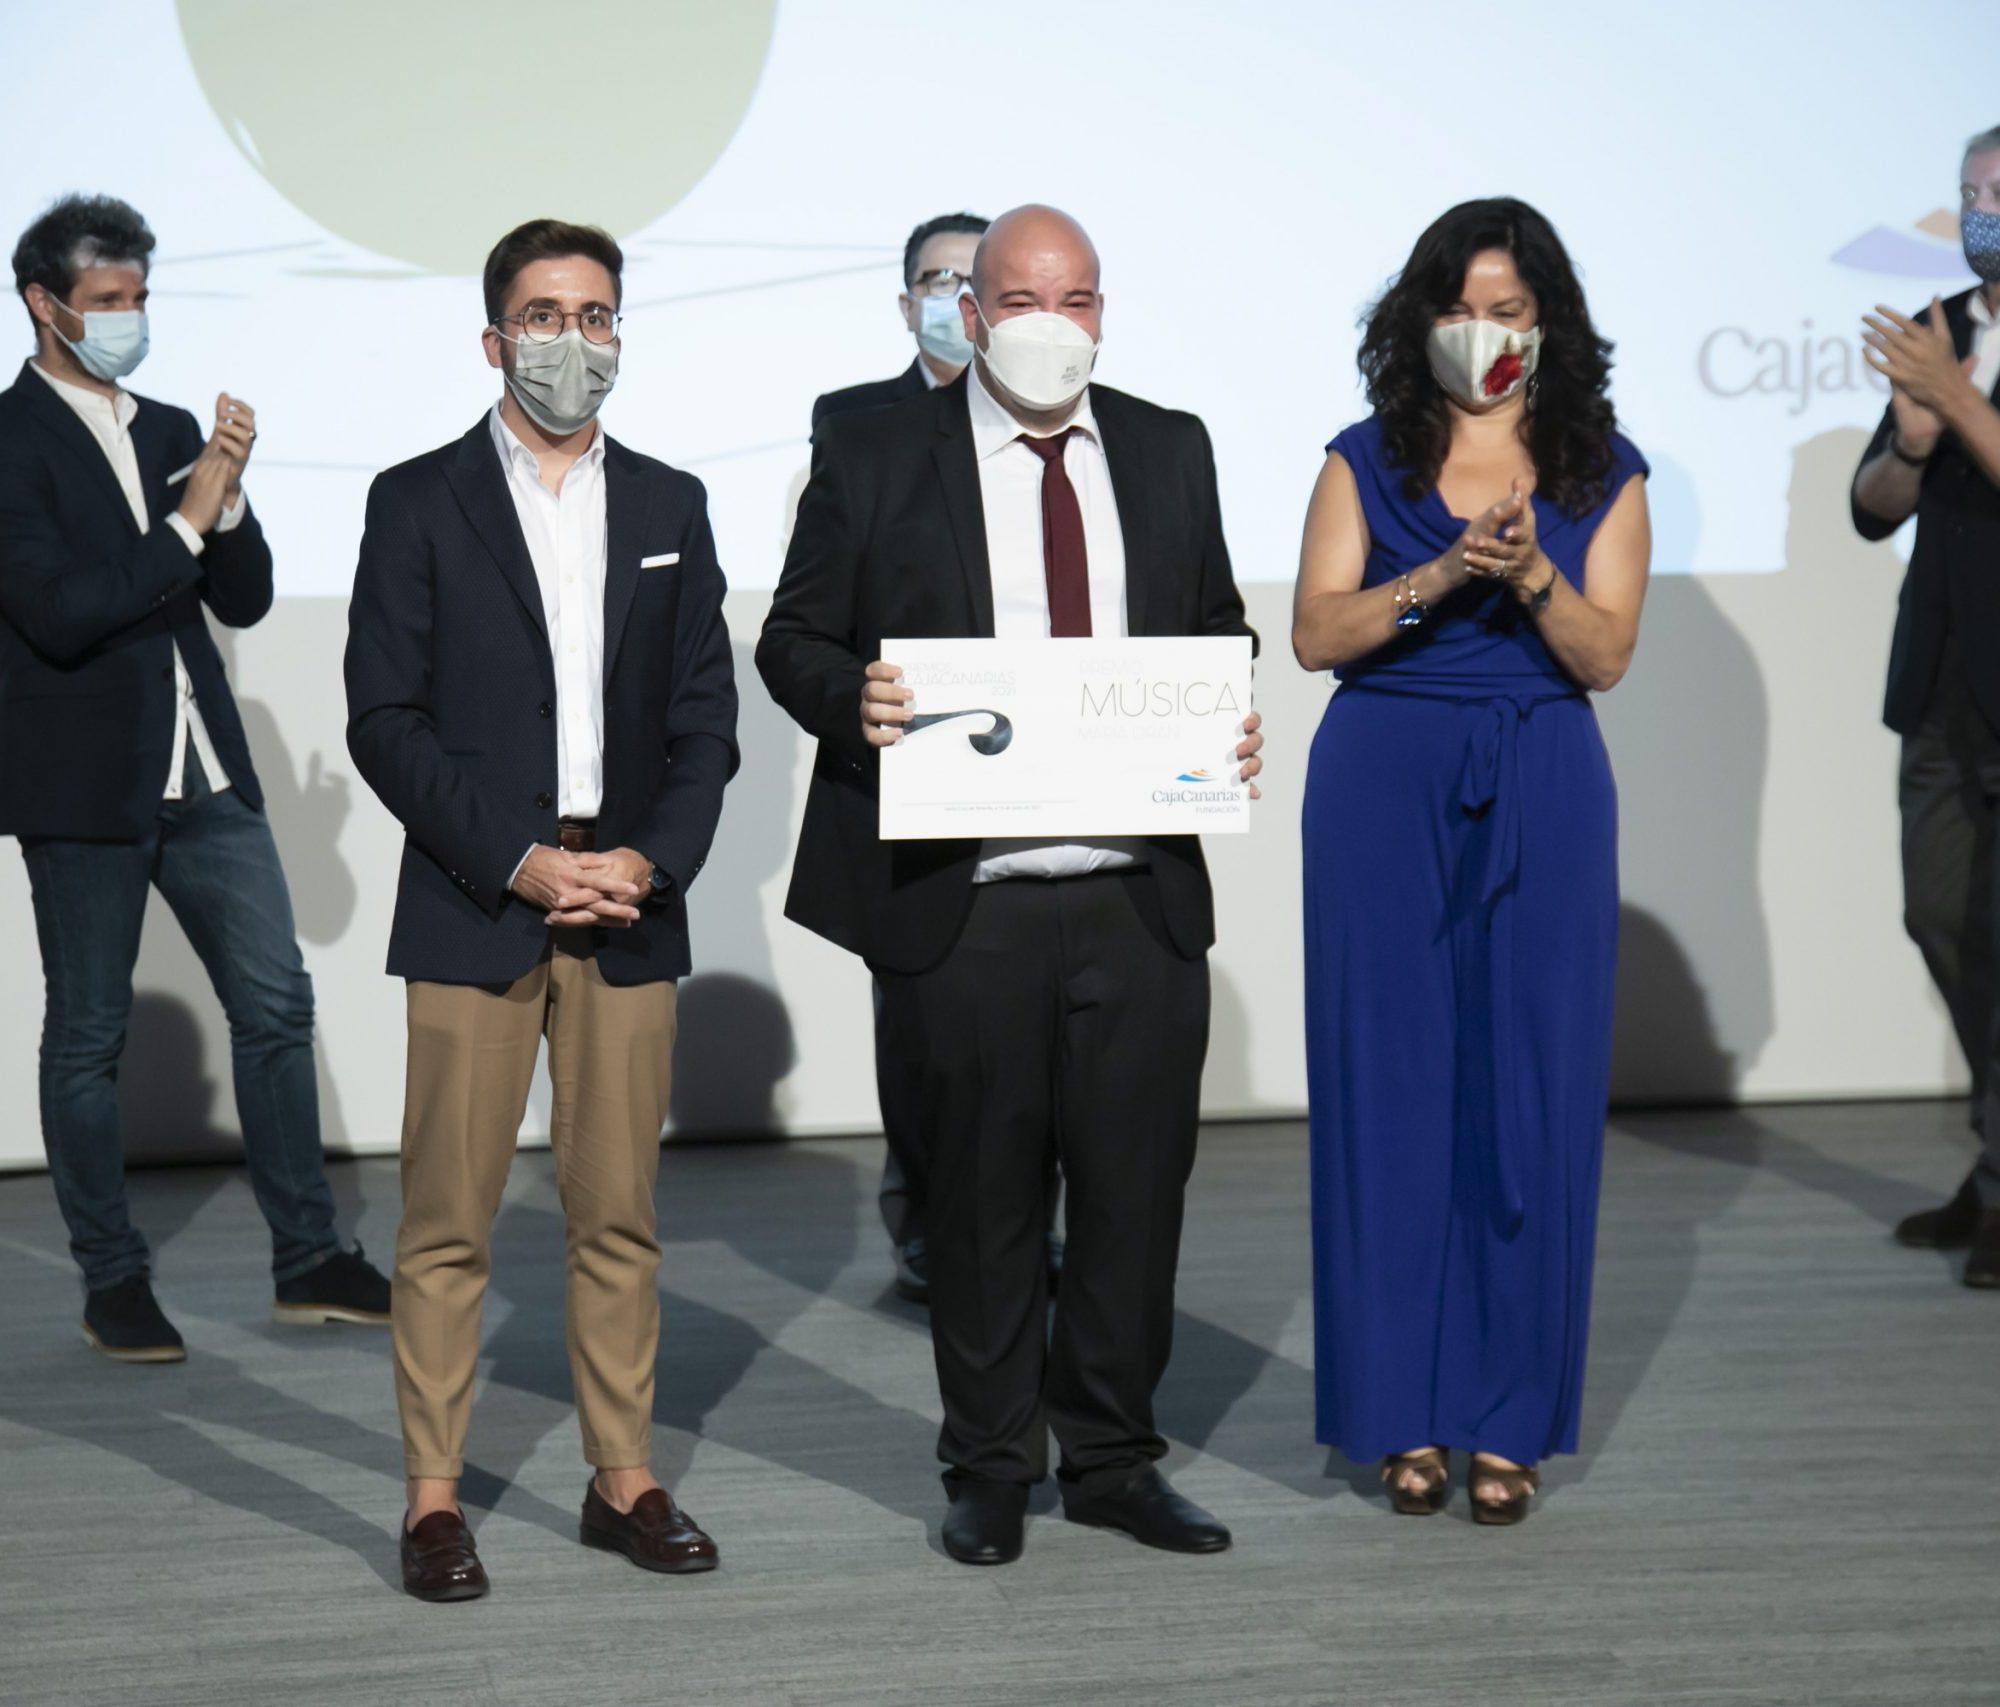 20210618 Cajacanarias Premio Musica María Oran Final 88